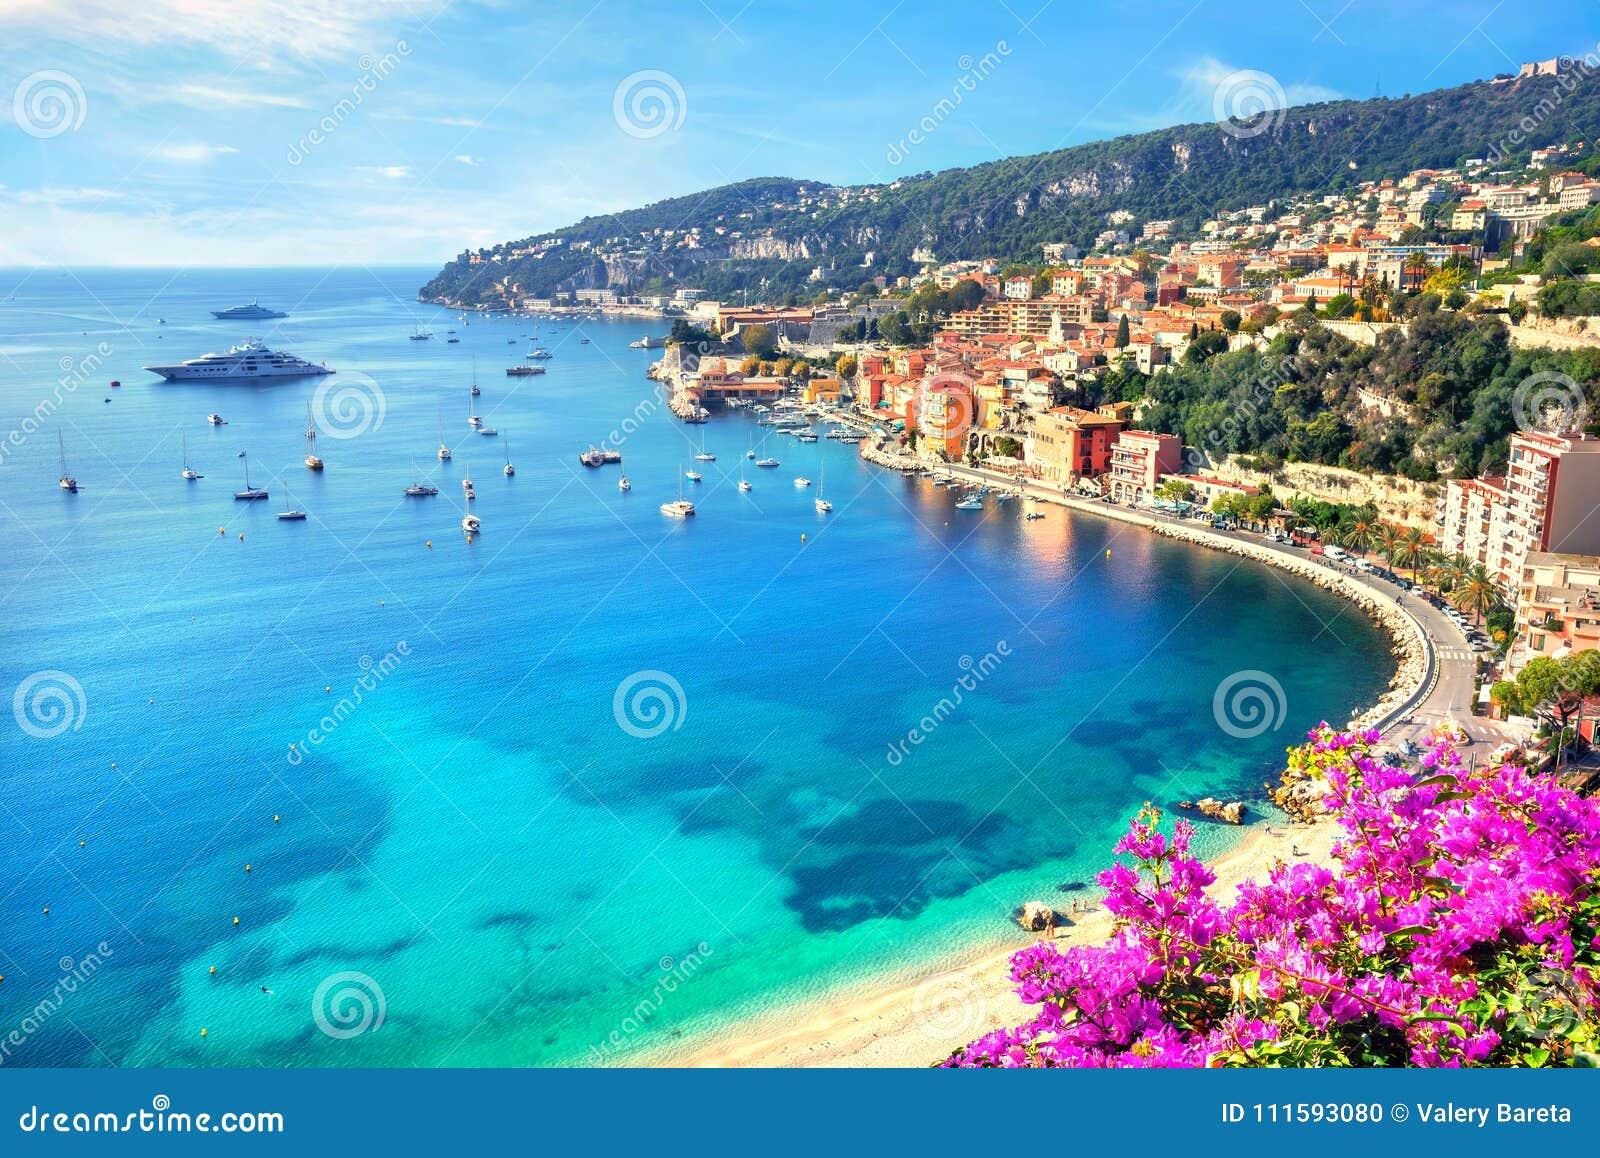 Villefranche sur Mer, Cote d Azur, French Riviera, France